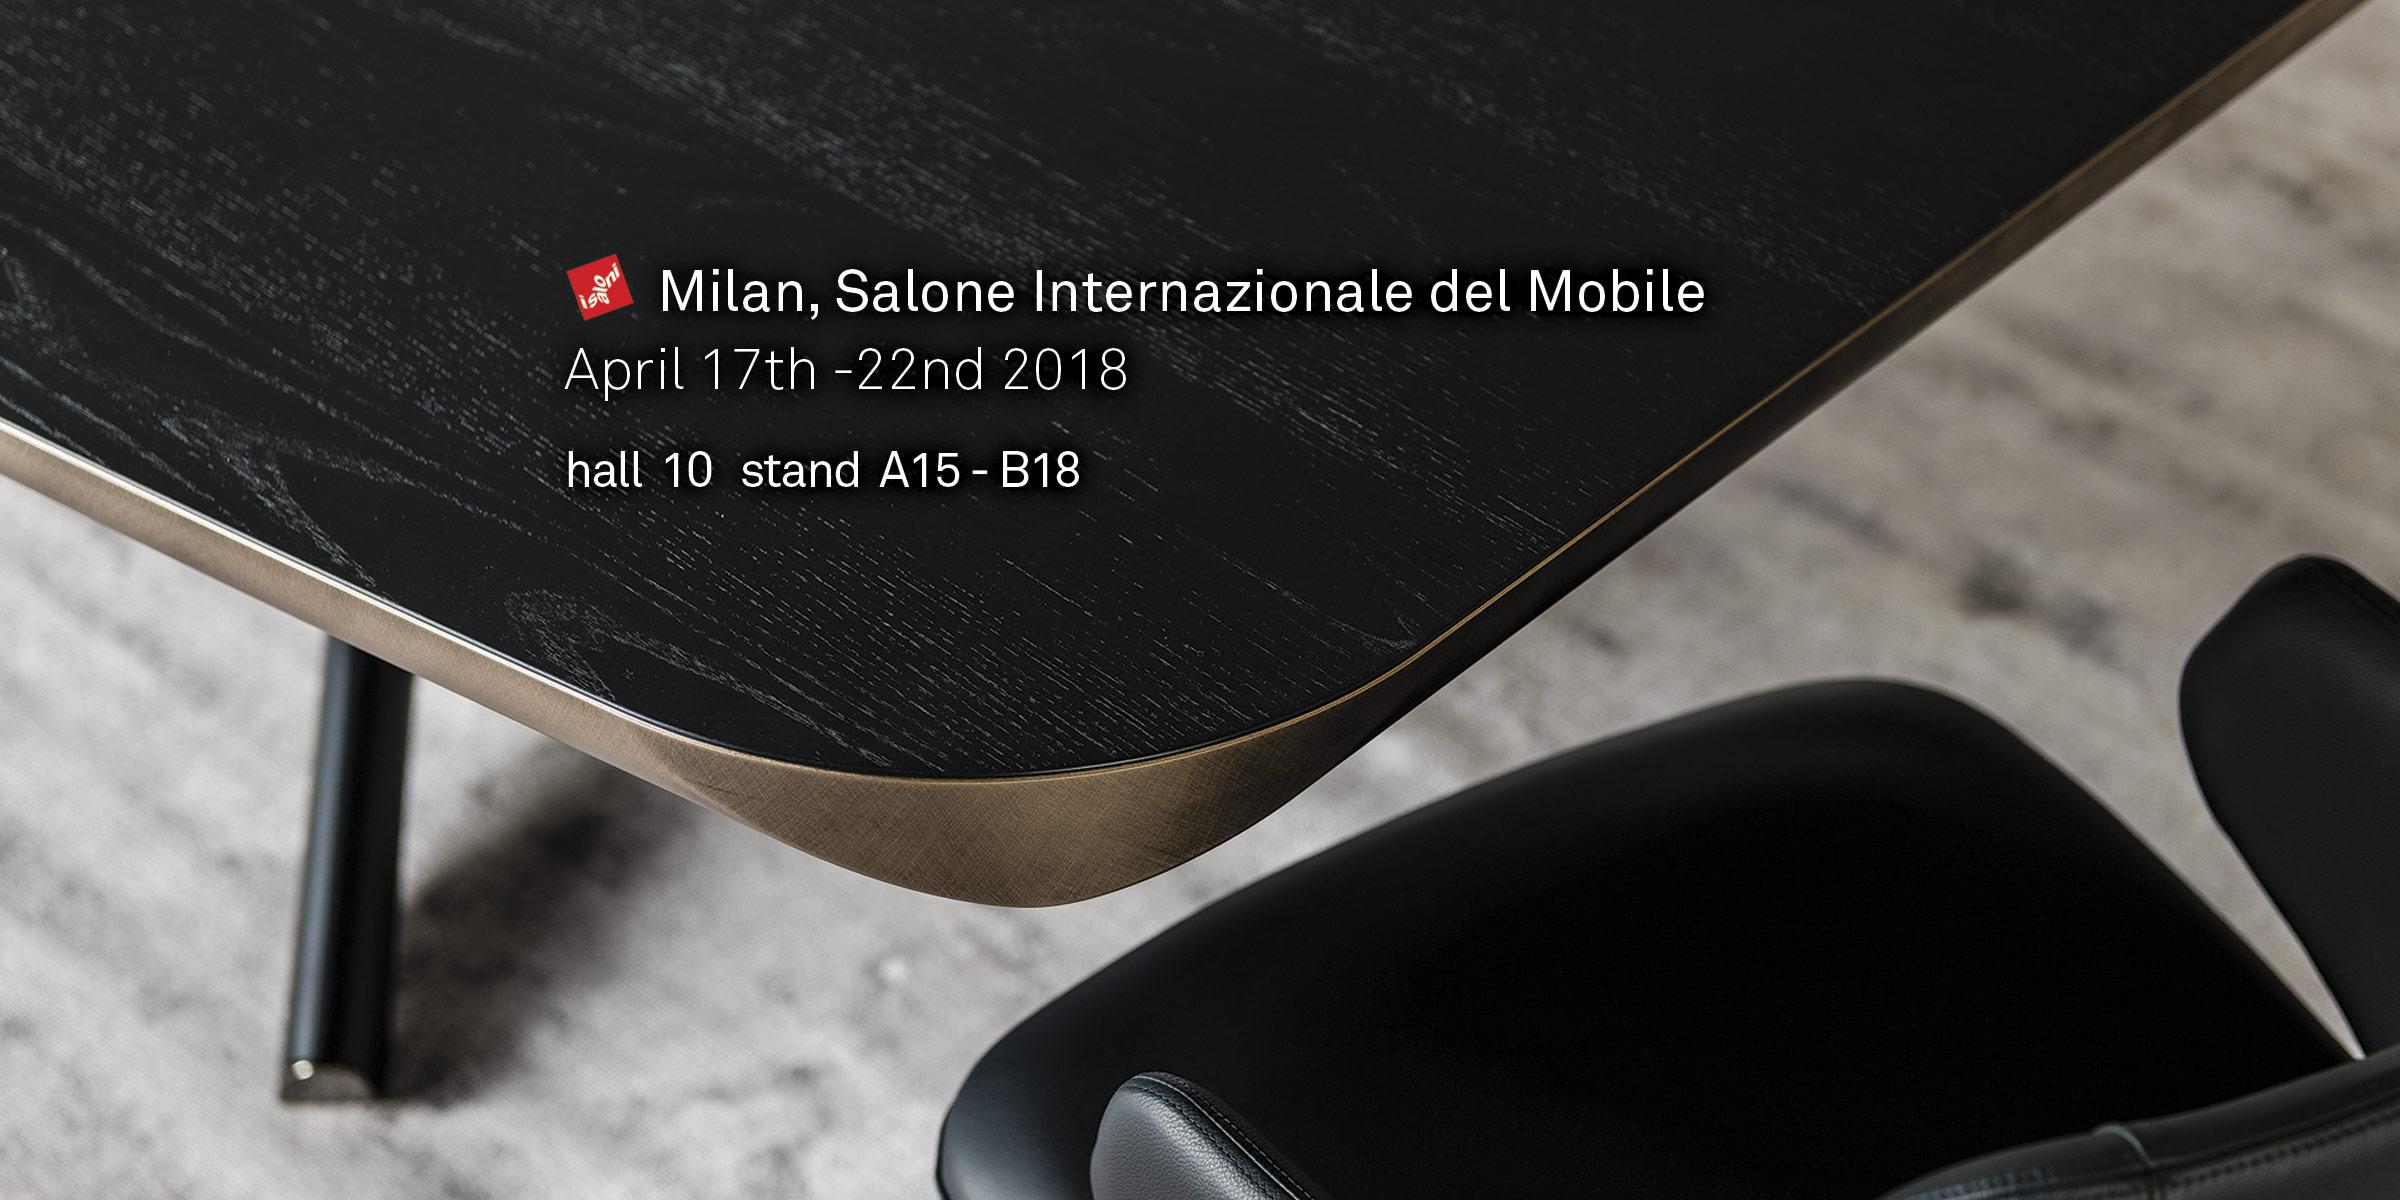 Salone Del Mobile 2018 preview